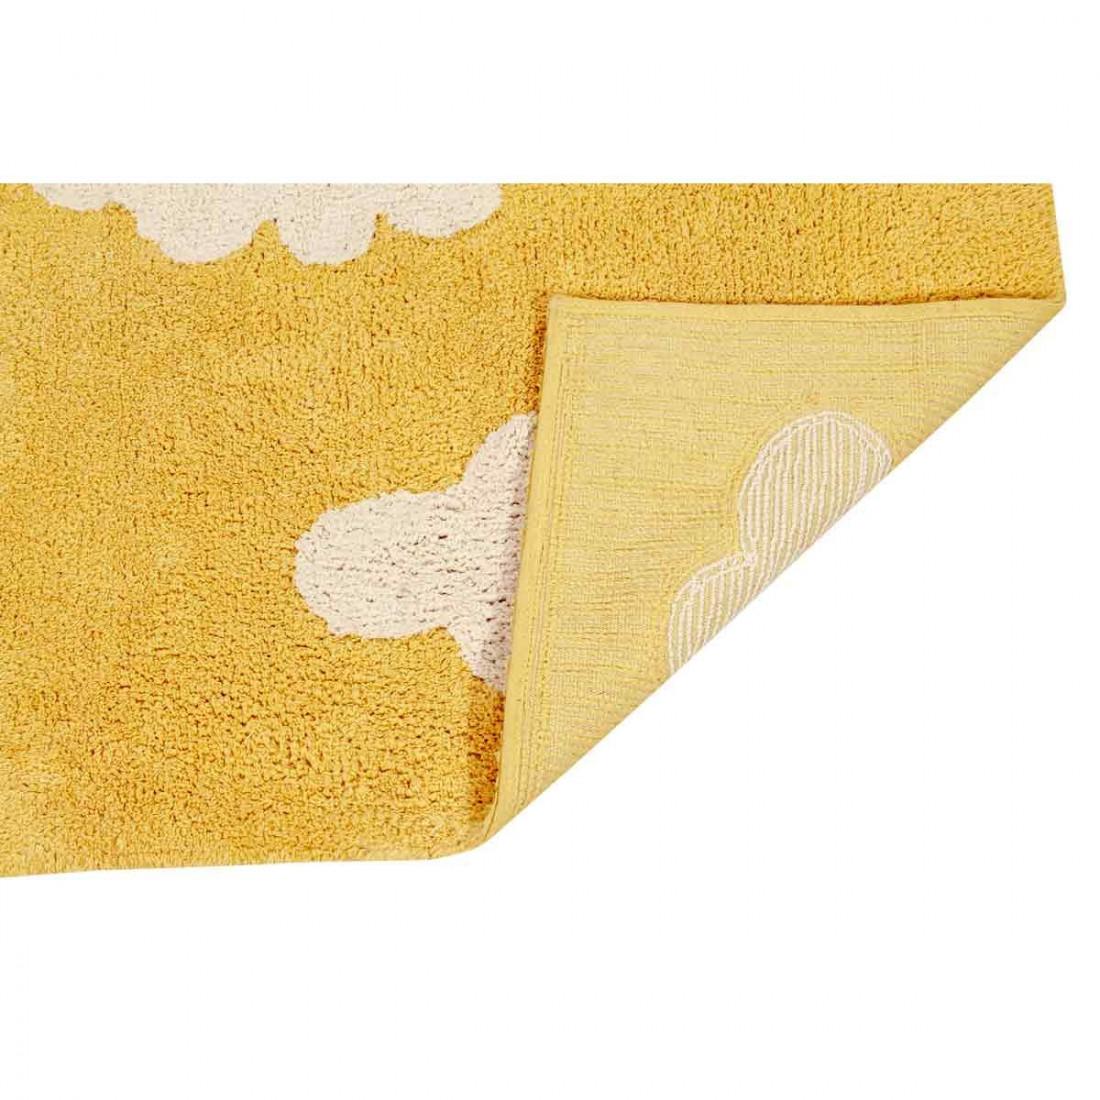 best tapis enfant coton lavable jaune moutarde nuages. Black Bedroom Furniture Sets. Home Design Ideas